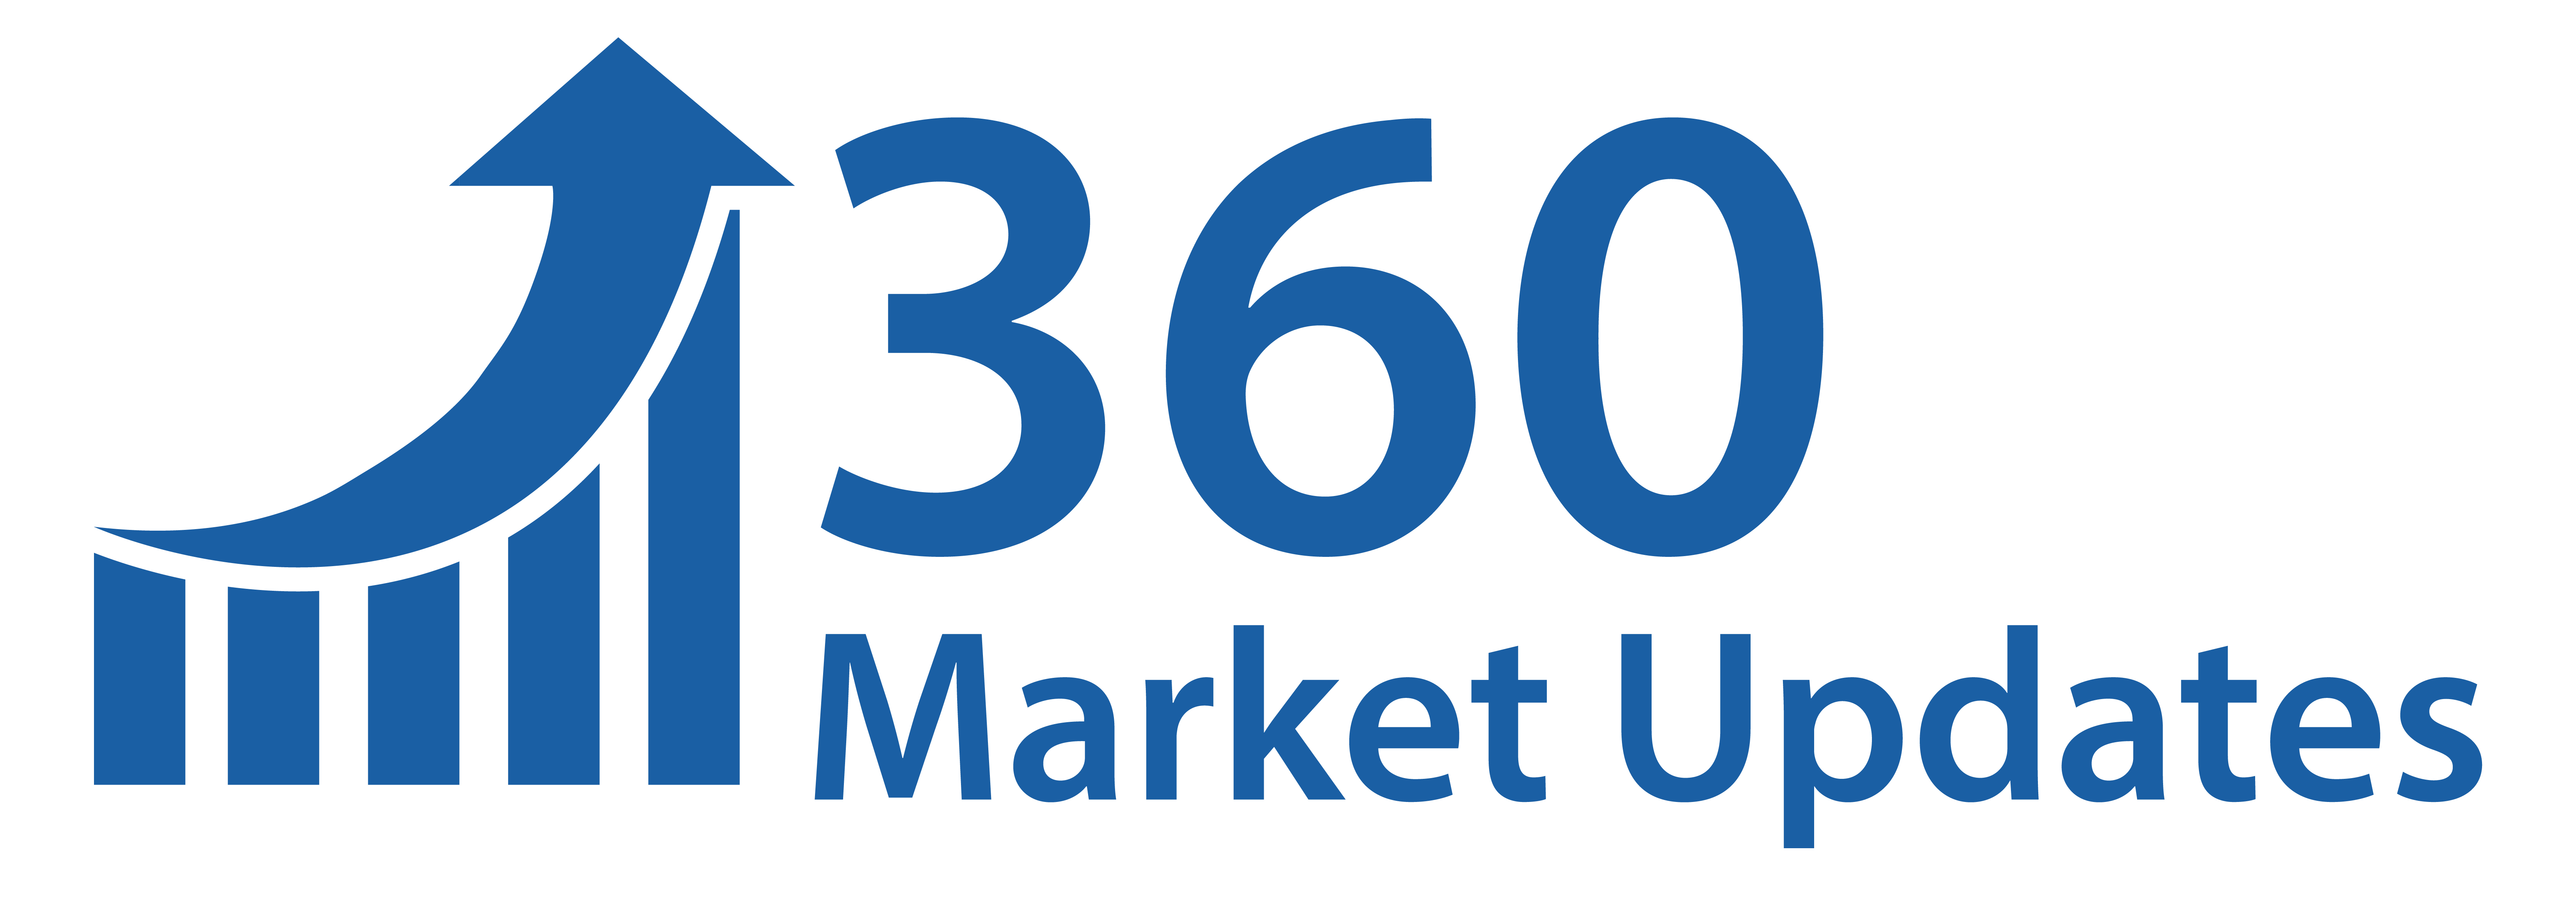 Display Driver und Touch IC Market 2020 Branchengröße, Zukünftige Trends, Wachstumsschlüsselfaktoren, Nachfrage, Unternehmensanteil, Umsatz & Einkommen, Hersteller-Player, Anwendung, Umfang und Chancenanalyse nach Outlook – 2025